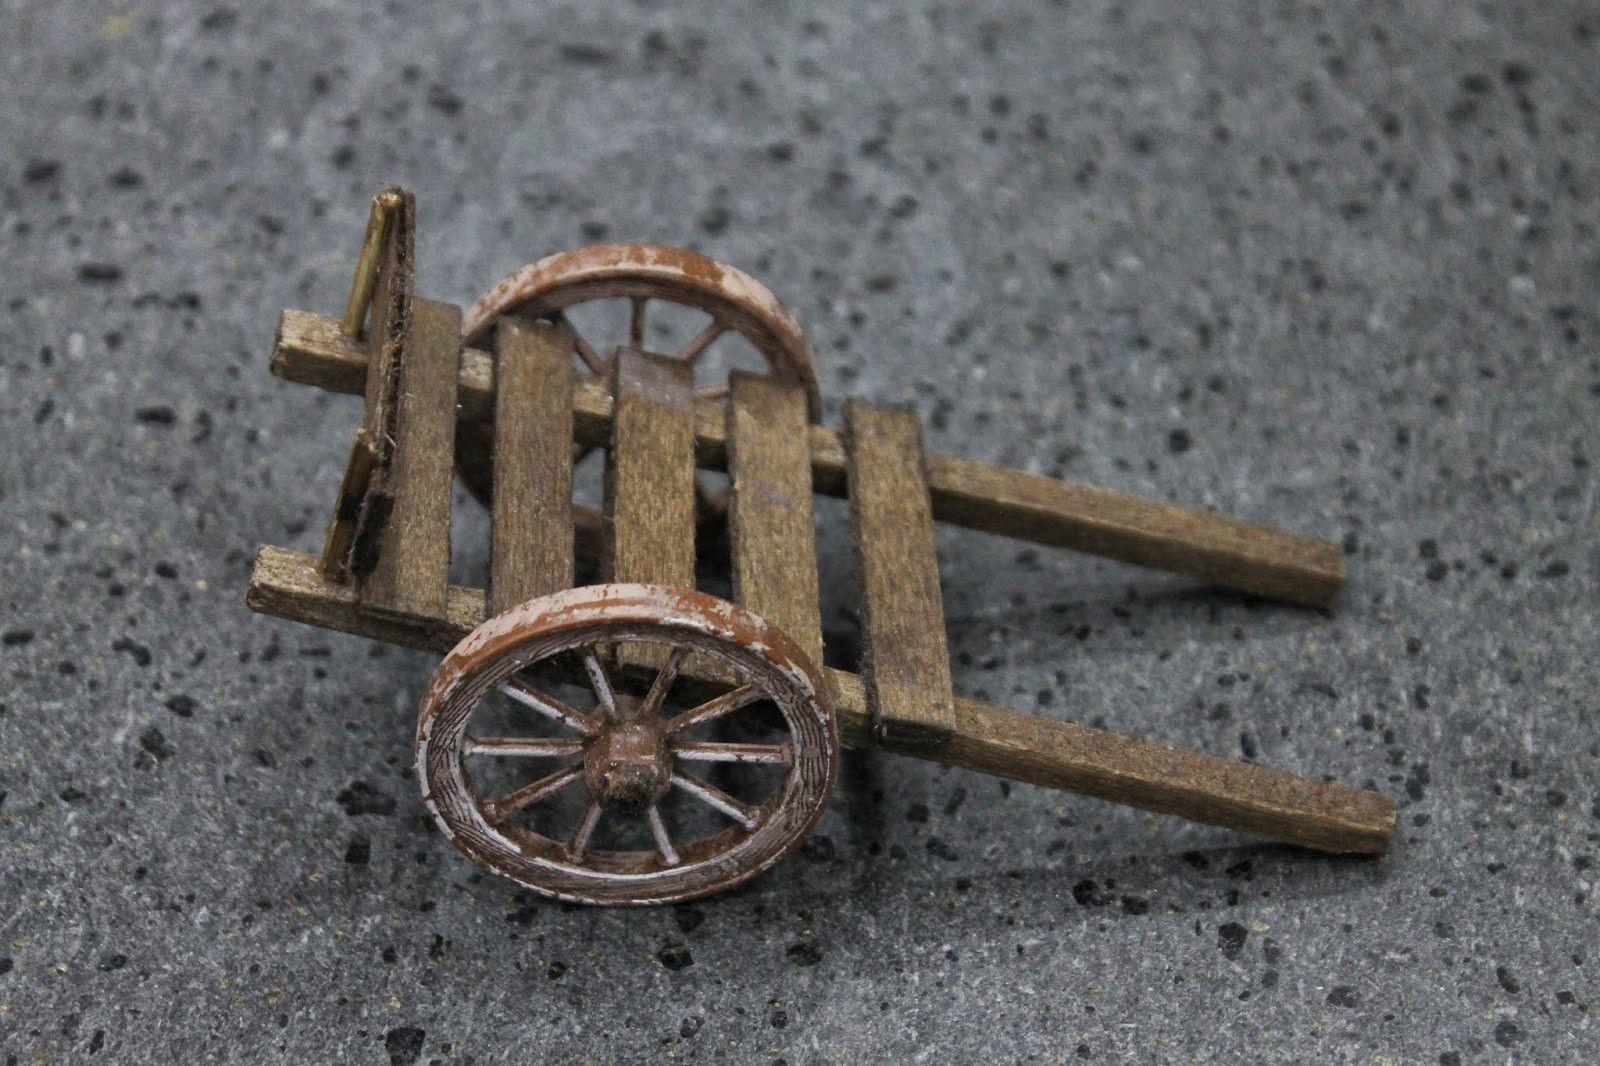 Presepe Artigianali Di Legno : Presepe artigianale napoletano famosa via san gregorio armeno